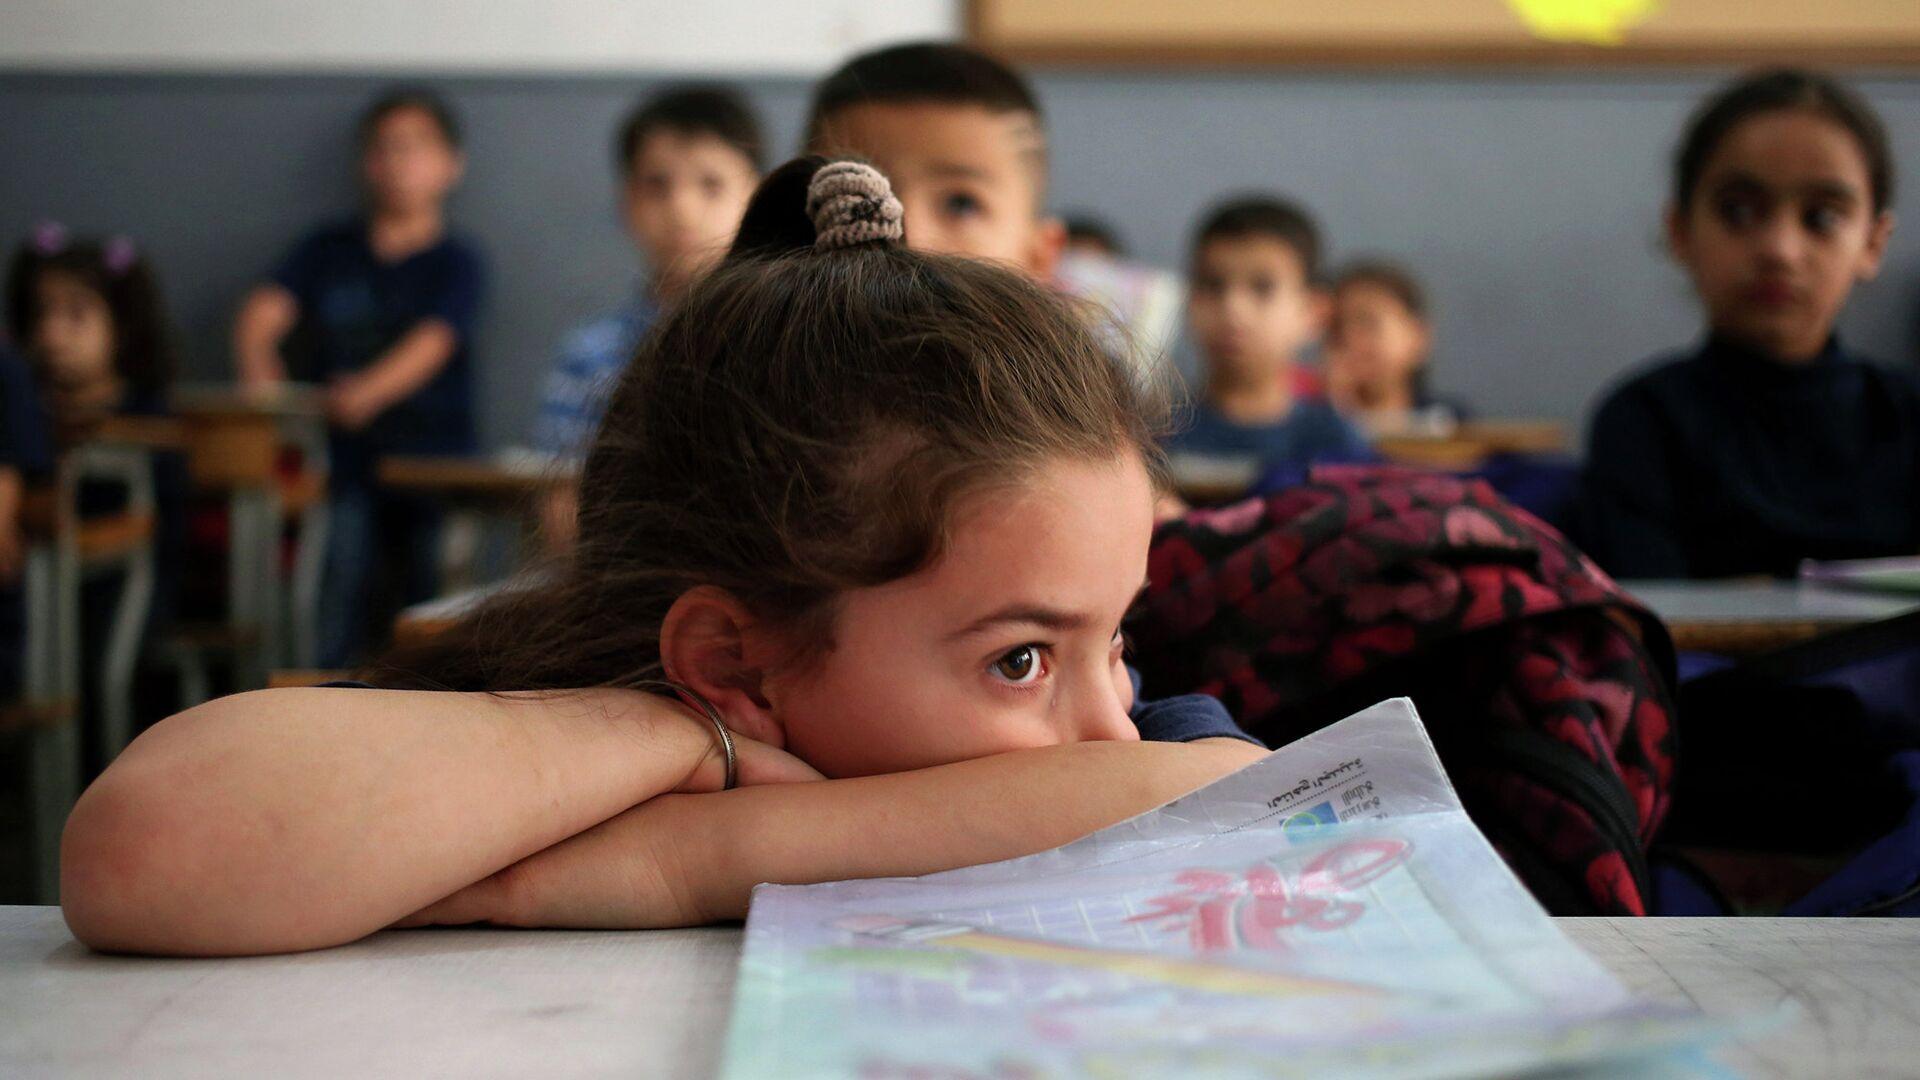 Сирийские школьники на занятиях - РИА Новости, 1920, 12.06.2021